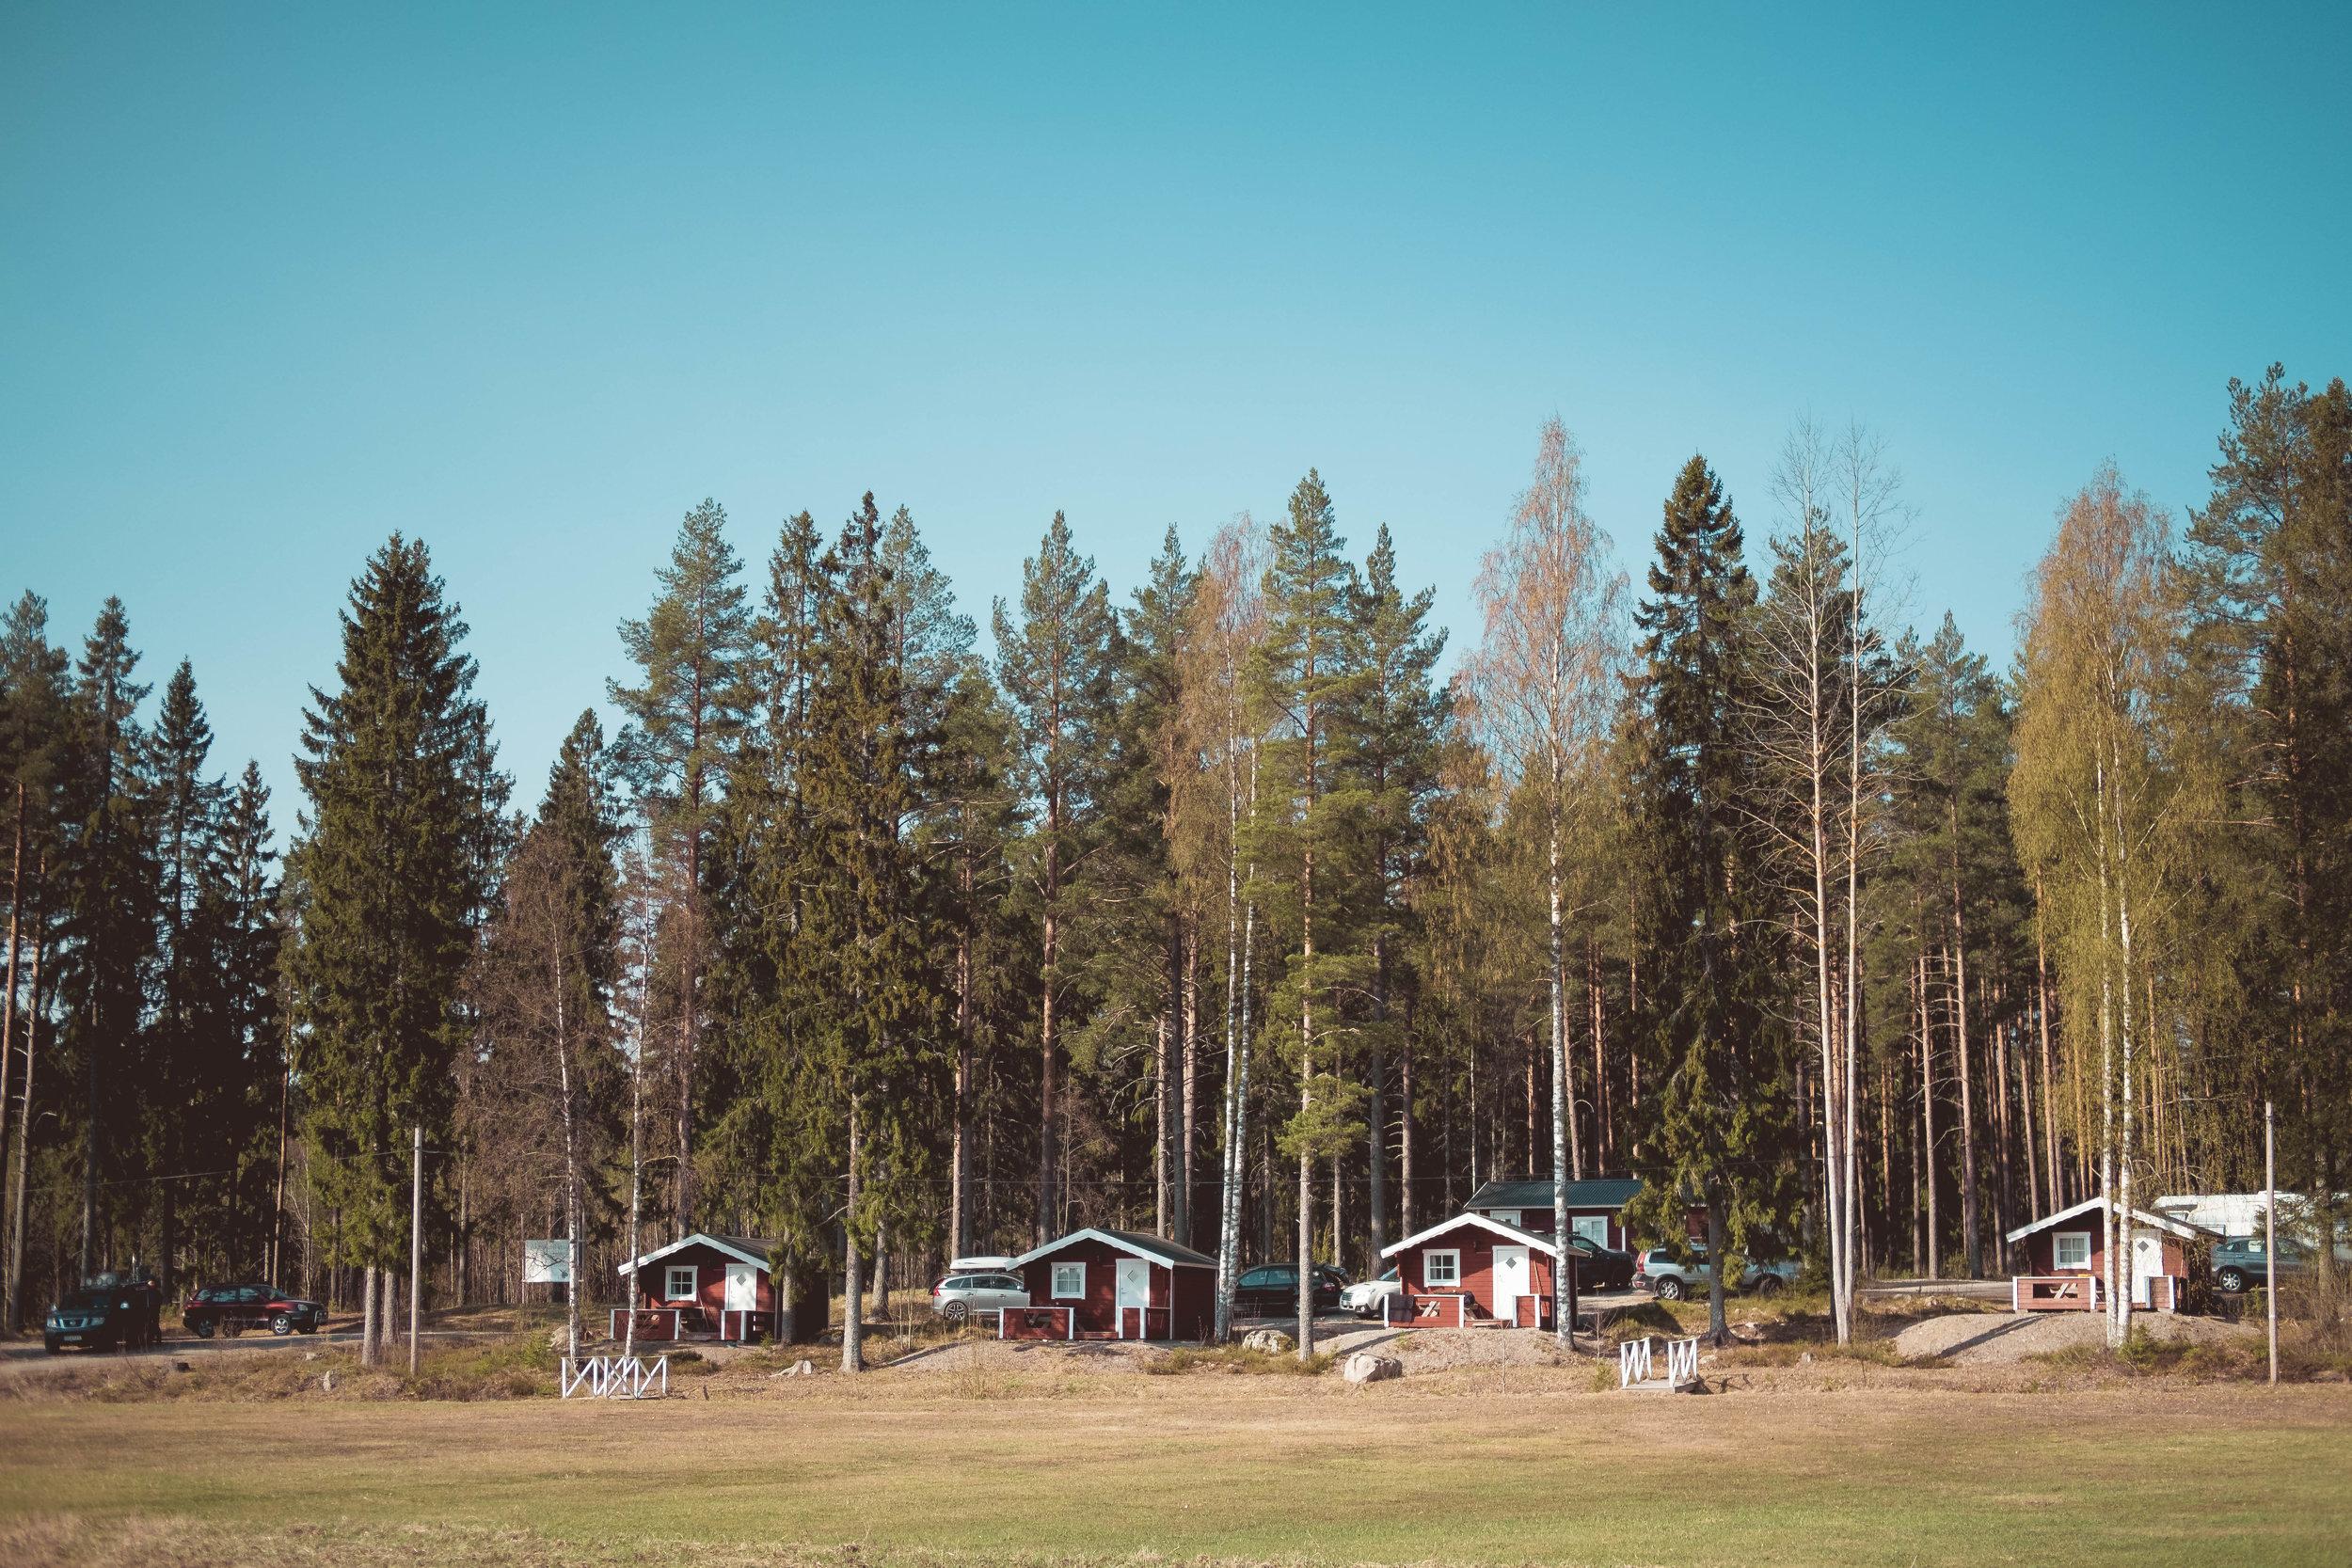 Stugbyn i    ÄLGPARKEN   s tränings och besökanläggning. FOTO: Mattias Färnstrand, Kuxagruppen AB